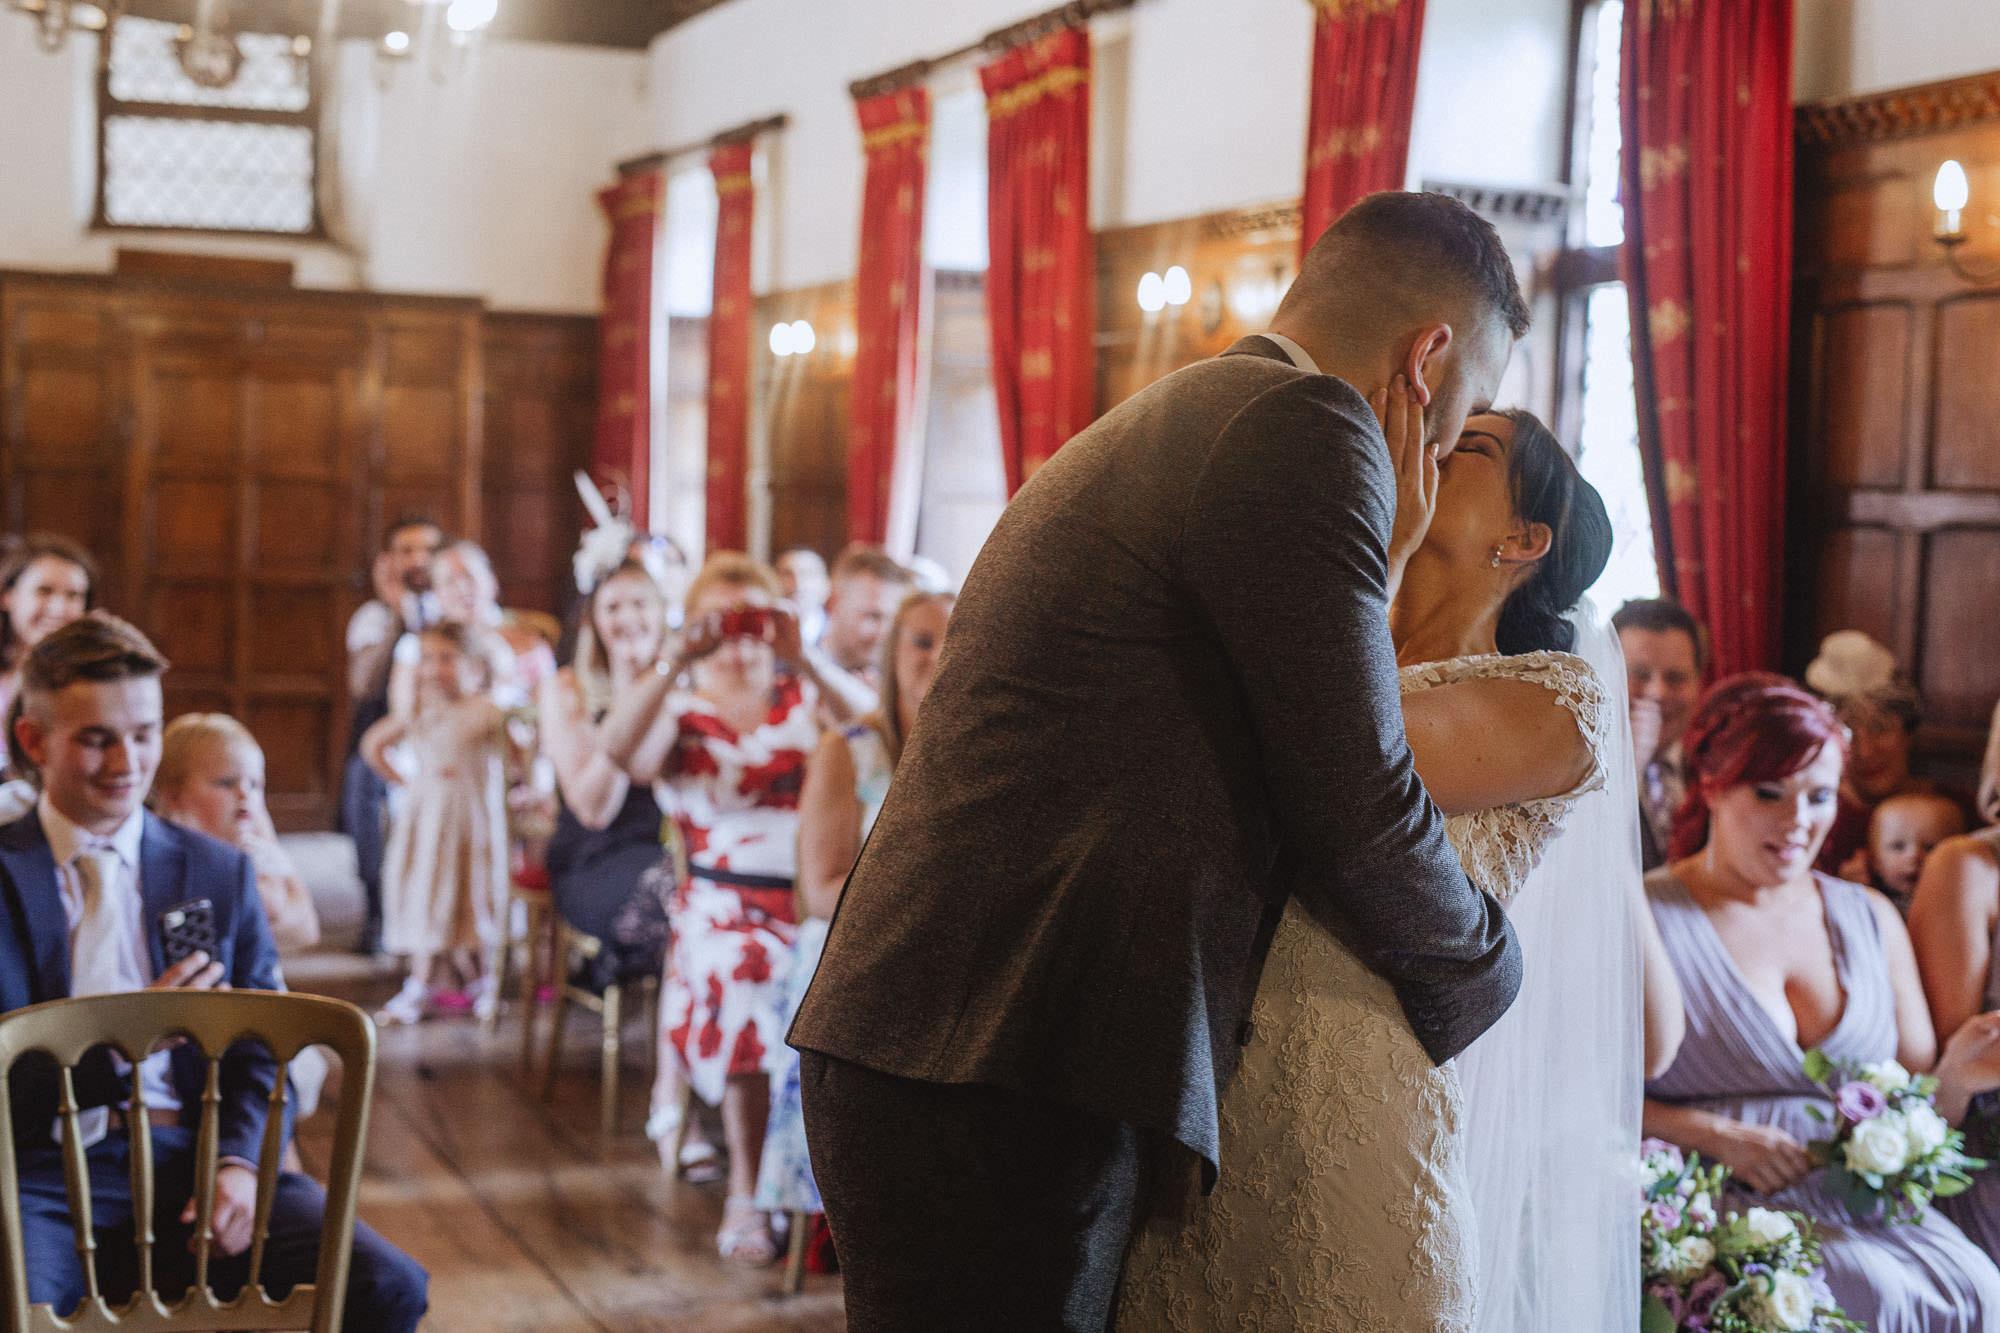 Groombridge-place-wedding-photography-32.jpg